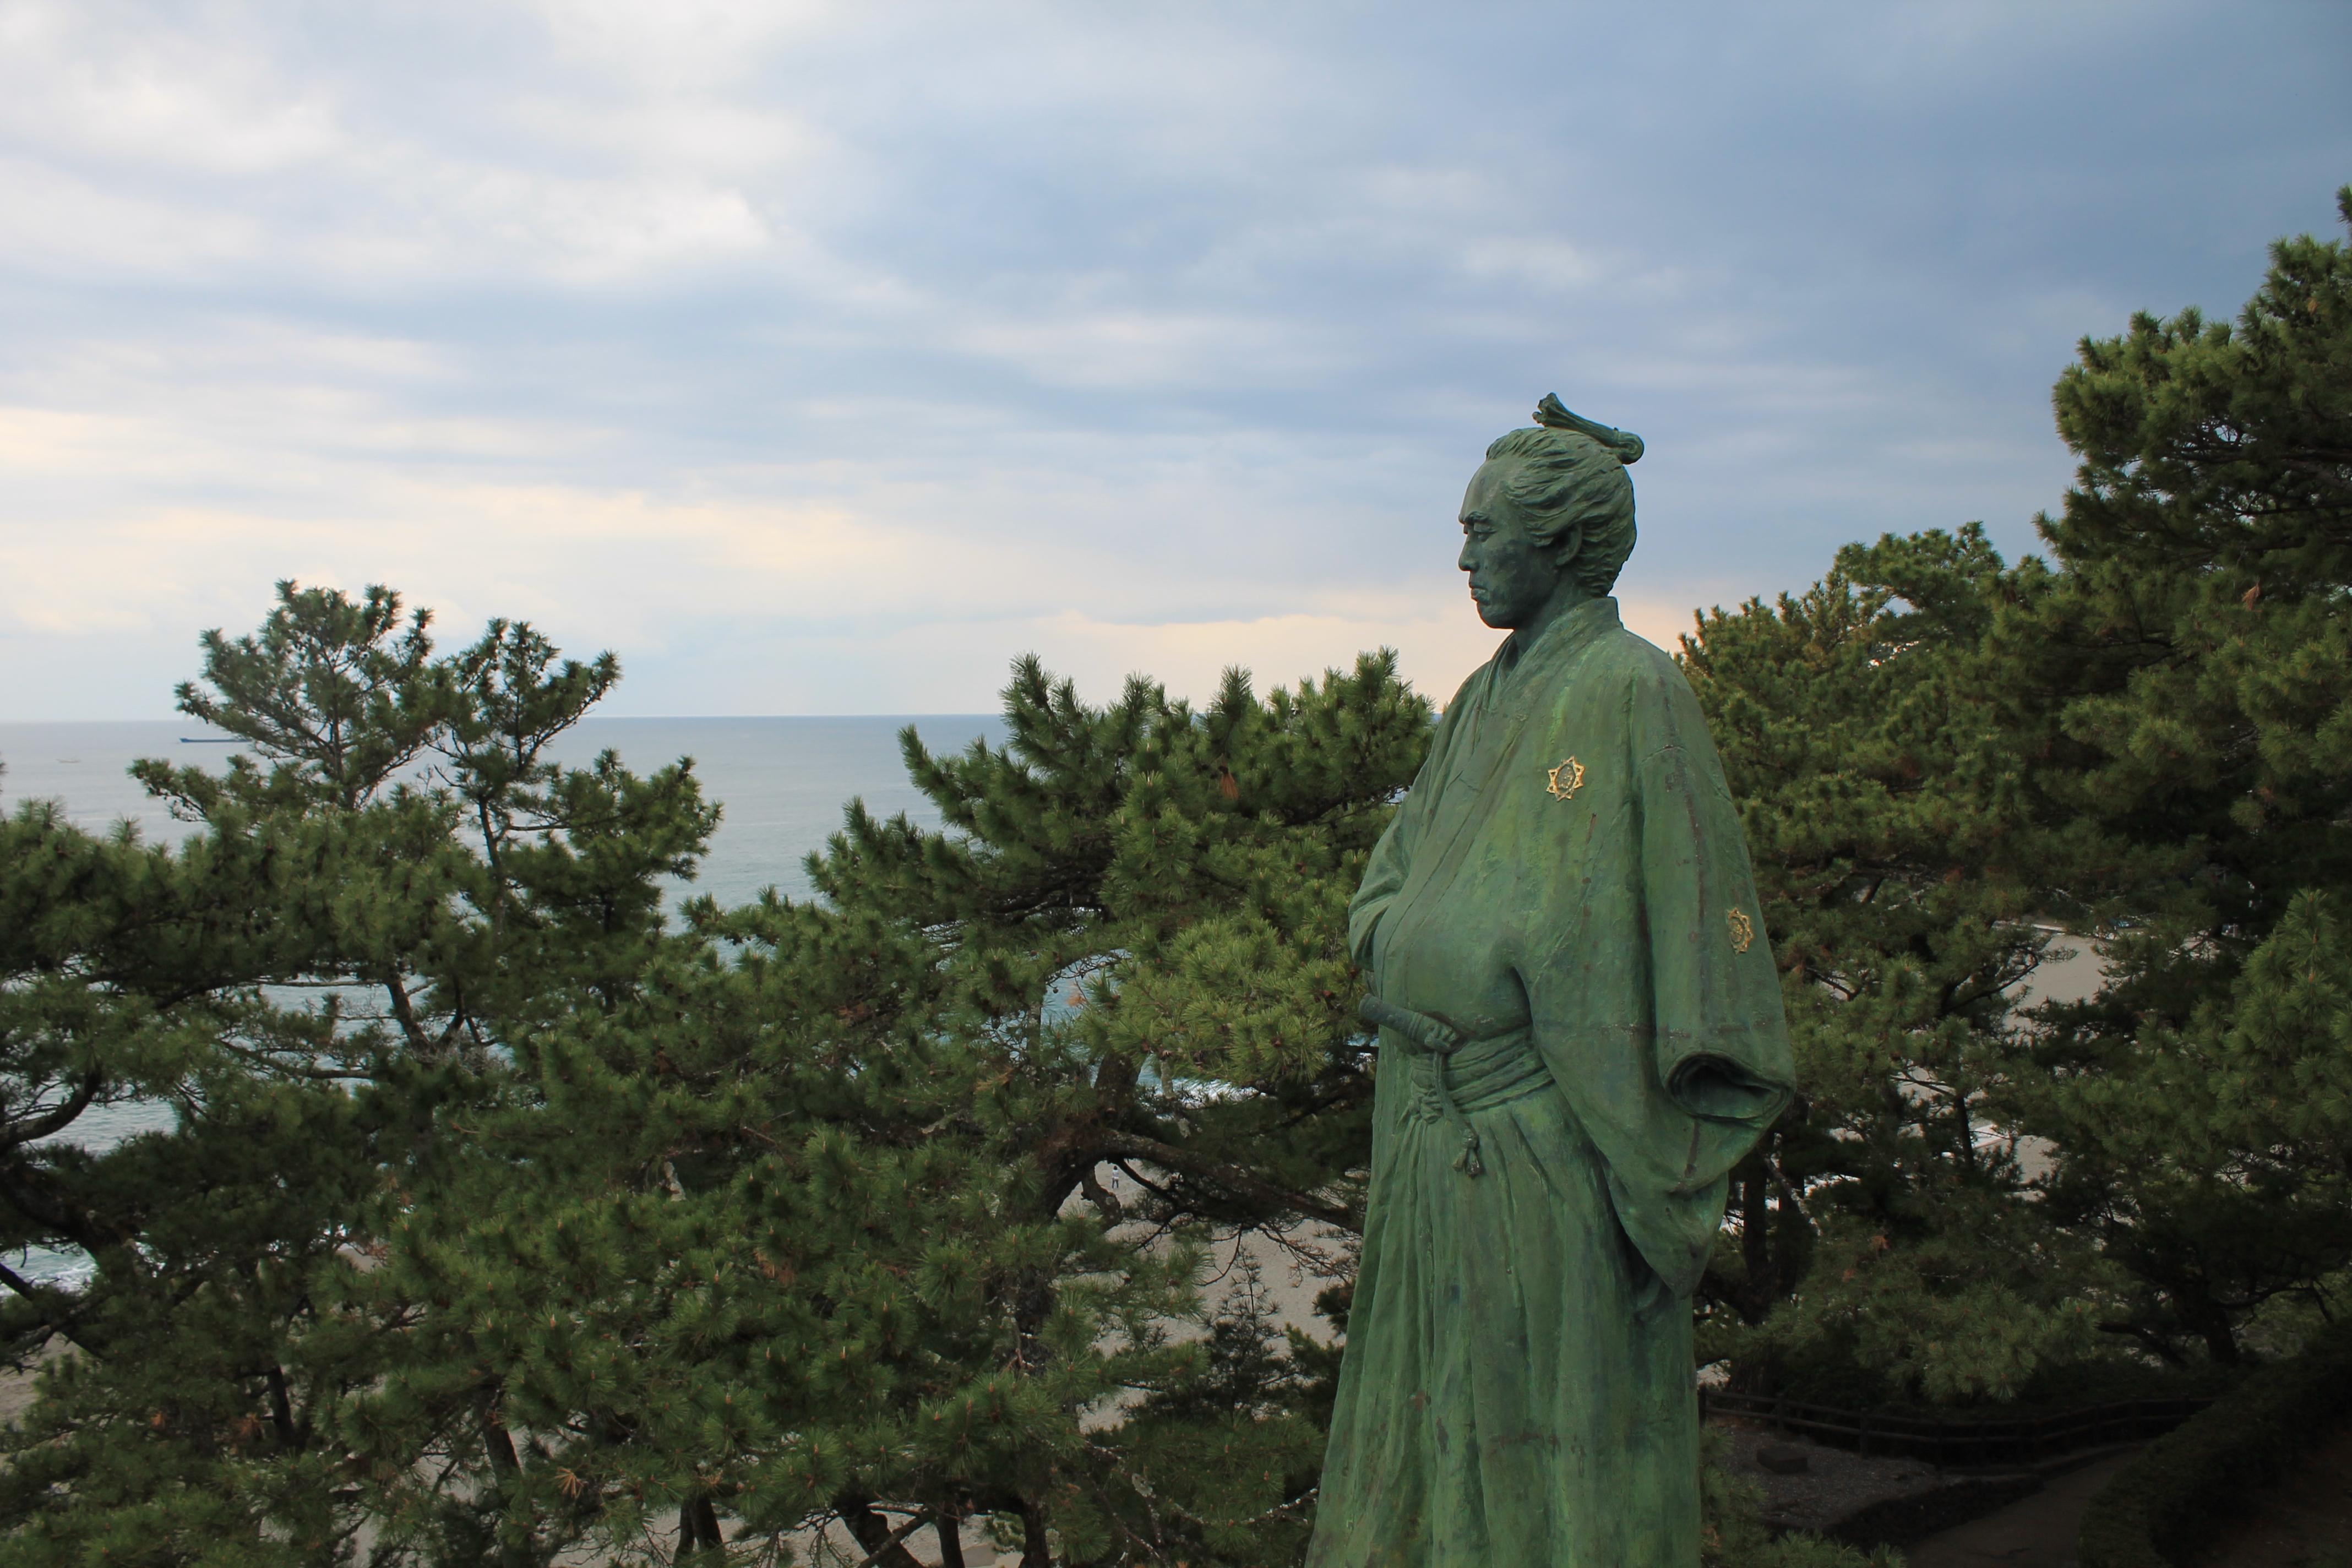 桂浜、龍馬に大接近の時に見れる坂本龍馬像